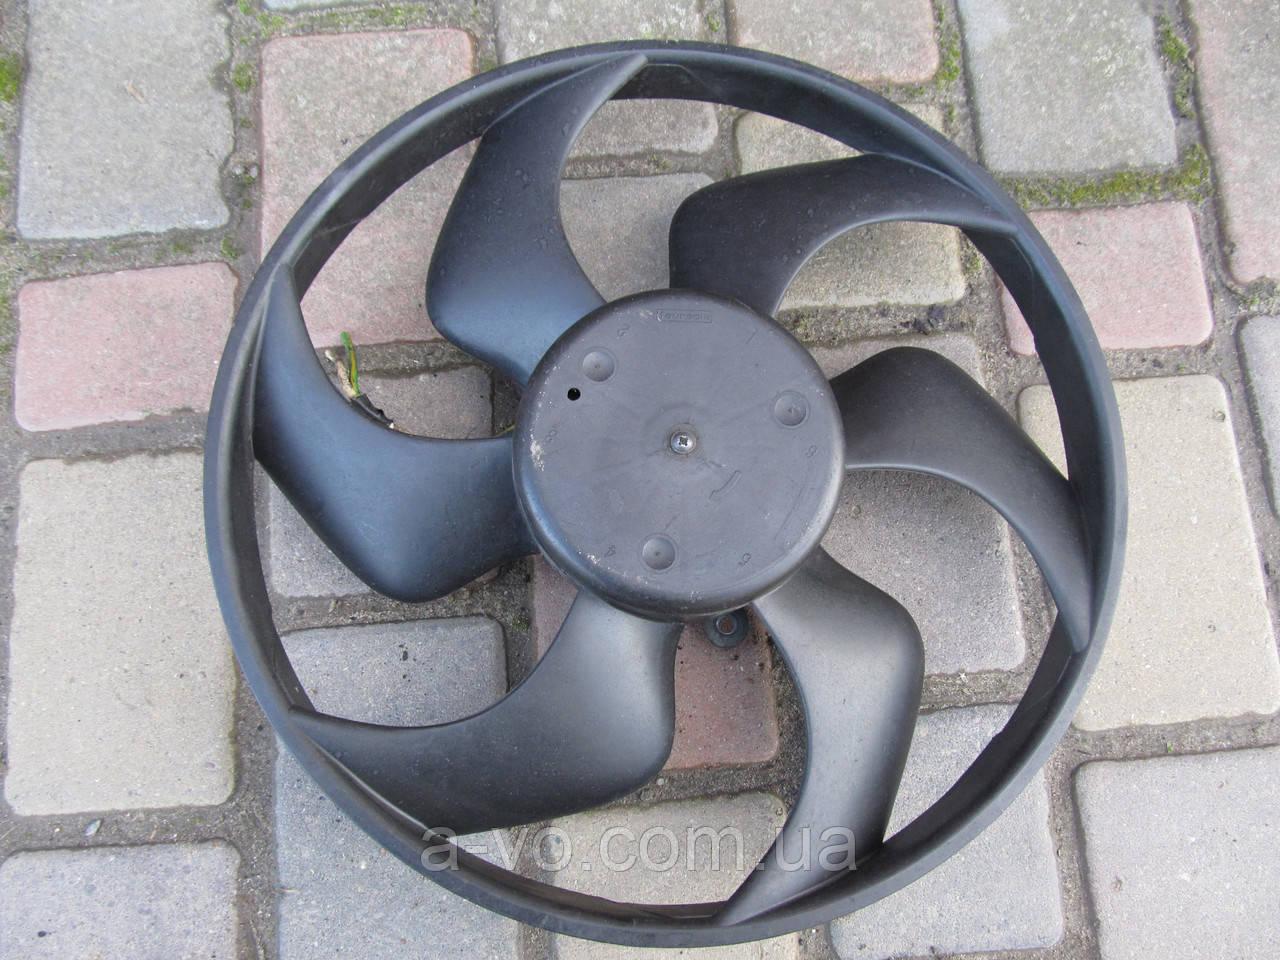 Вентилятор основного радиатора для Citroen C4 C5 C8 Berlingo Peugeot Partner 307 807 Partner